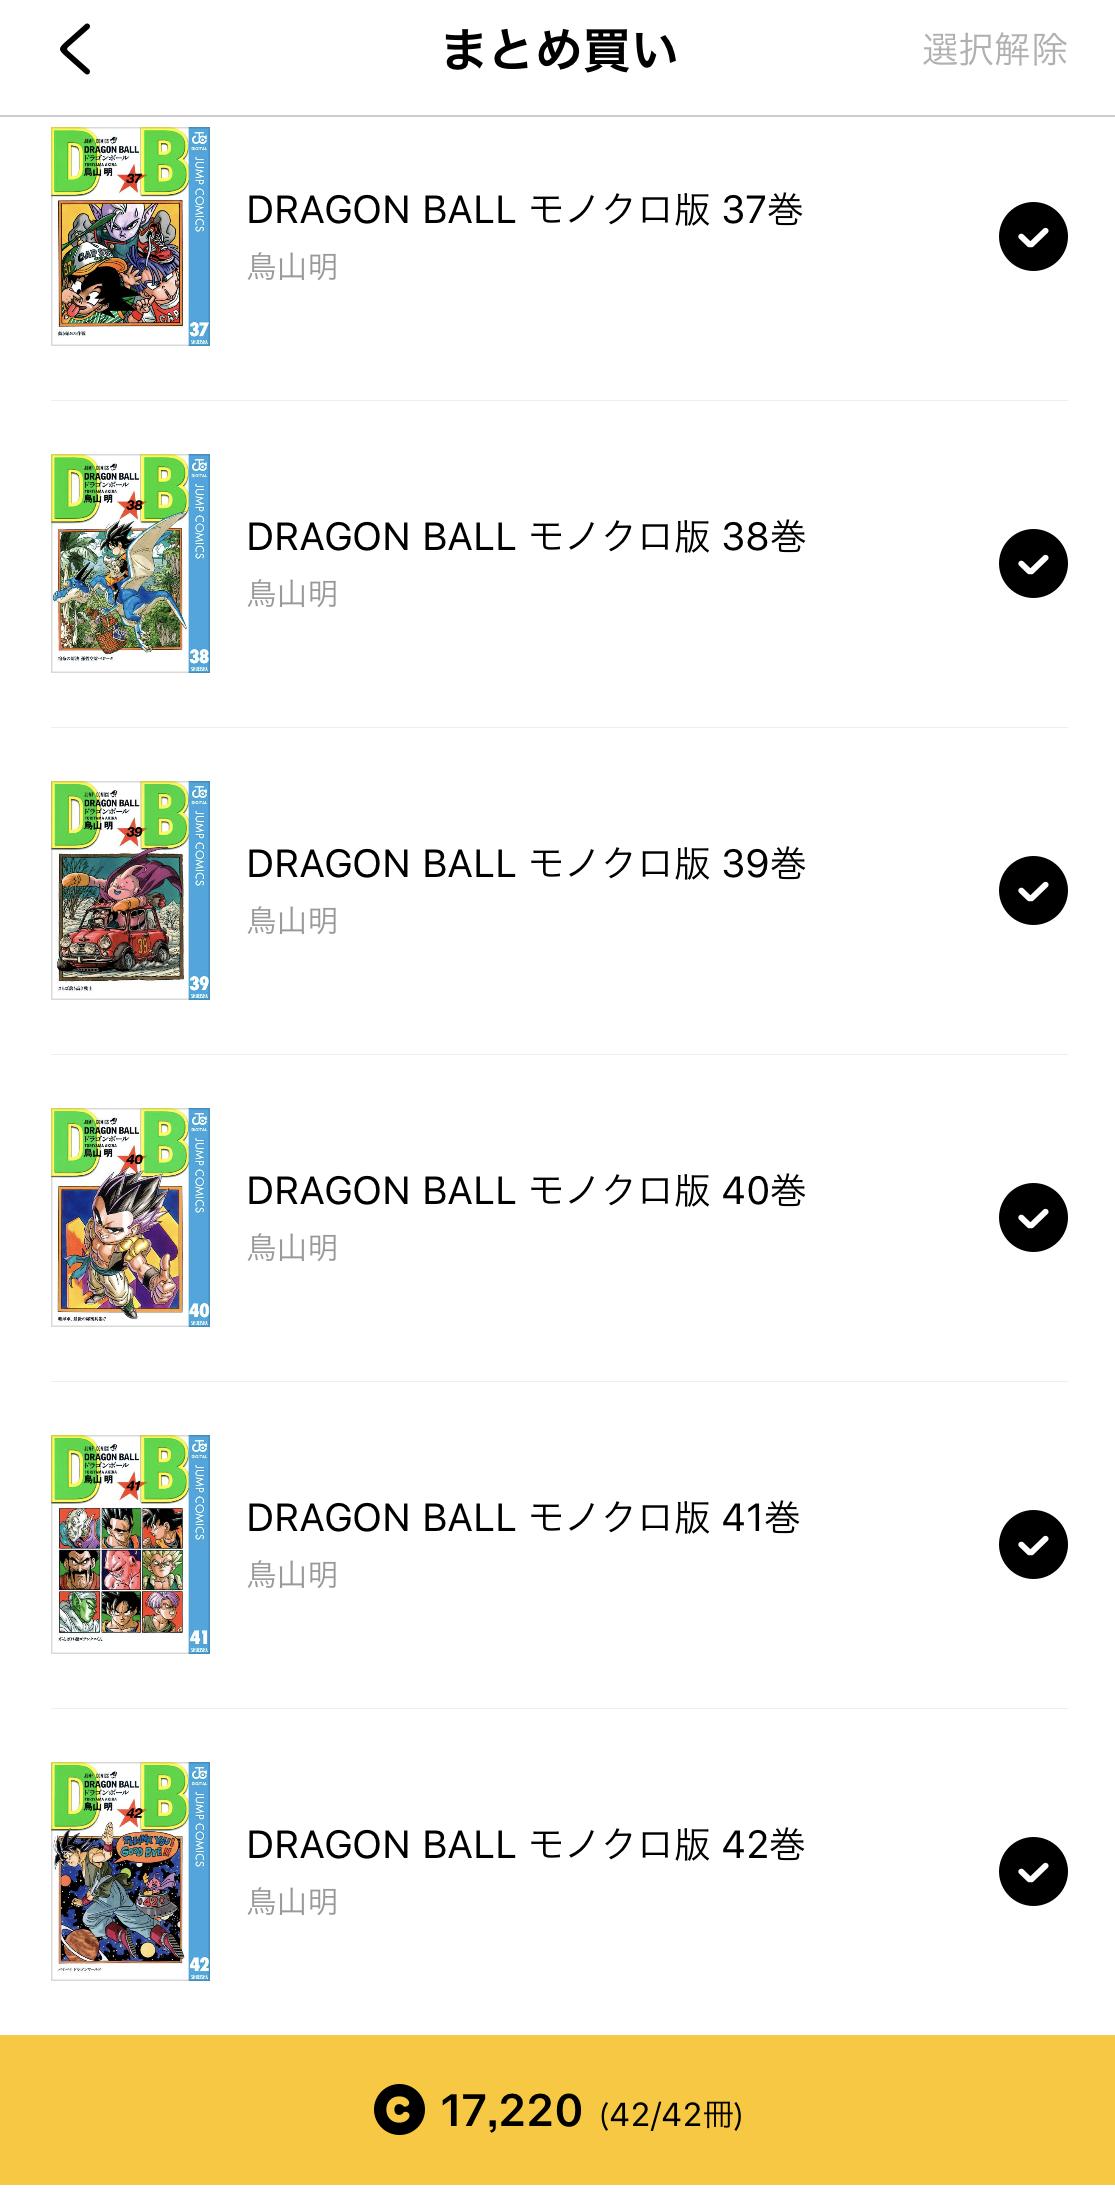 『ドラゴンボール』はどこまで買えた?